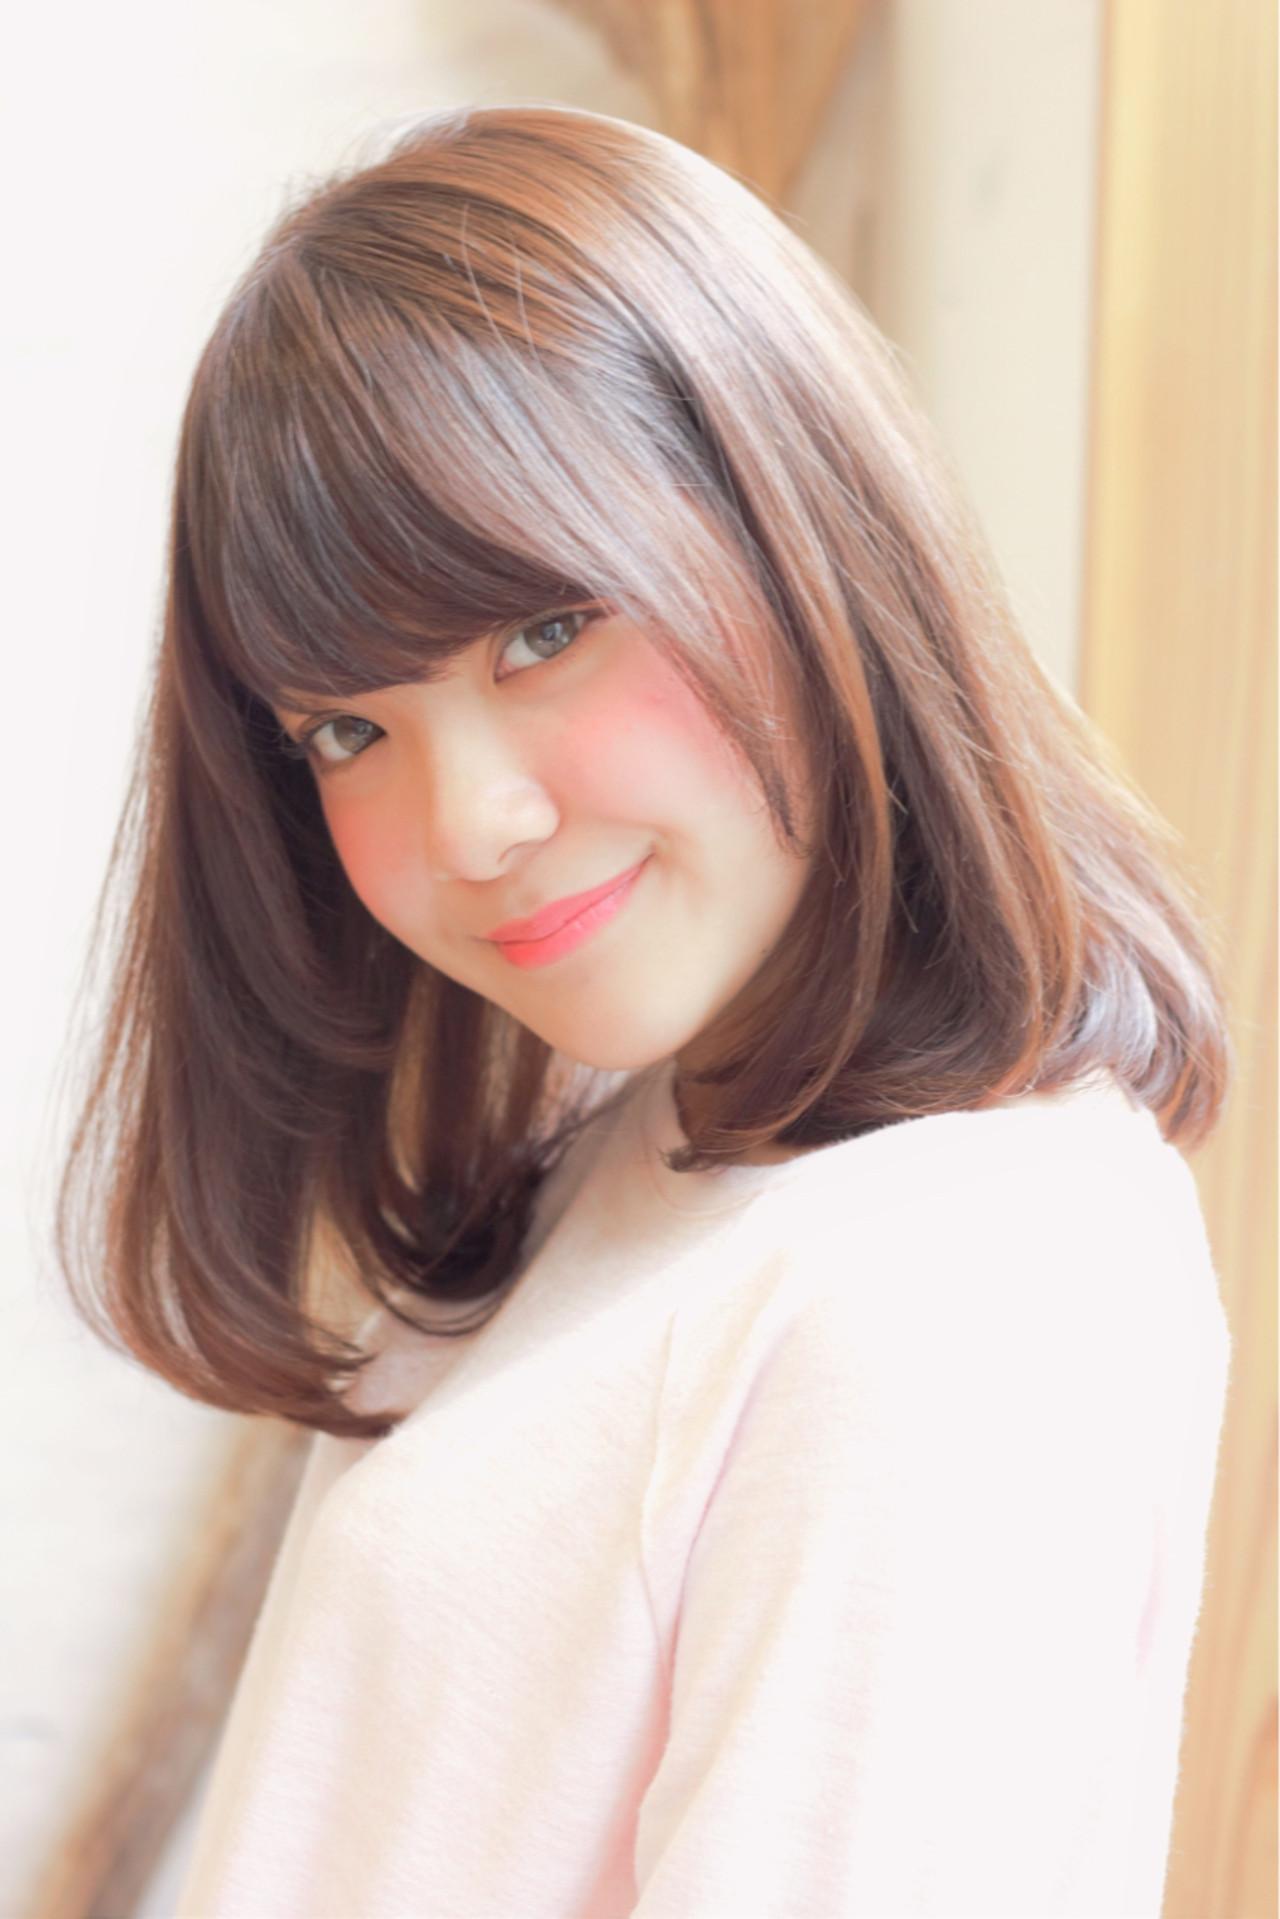 面長さんに似合うヘアアレンジテク☆気になる部分は髪で賢くカバー 徳永 梨瑛子 | HONEY